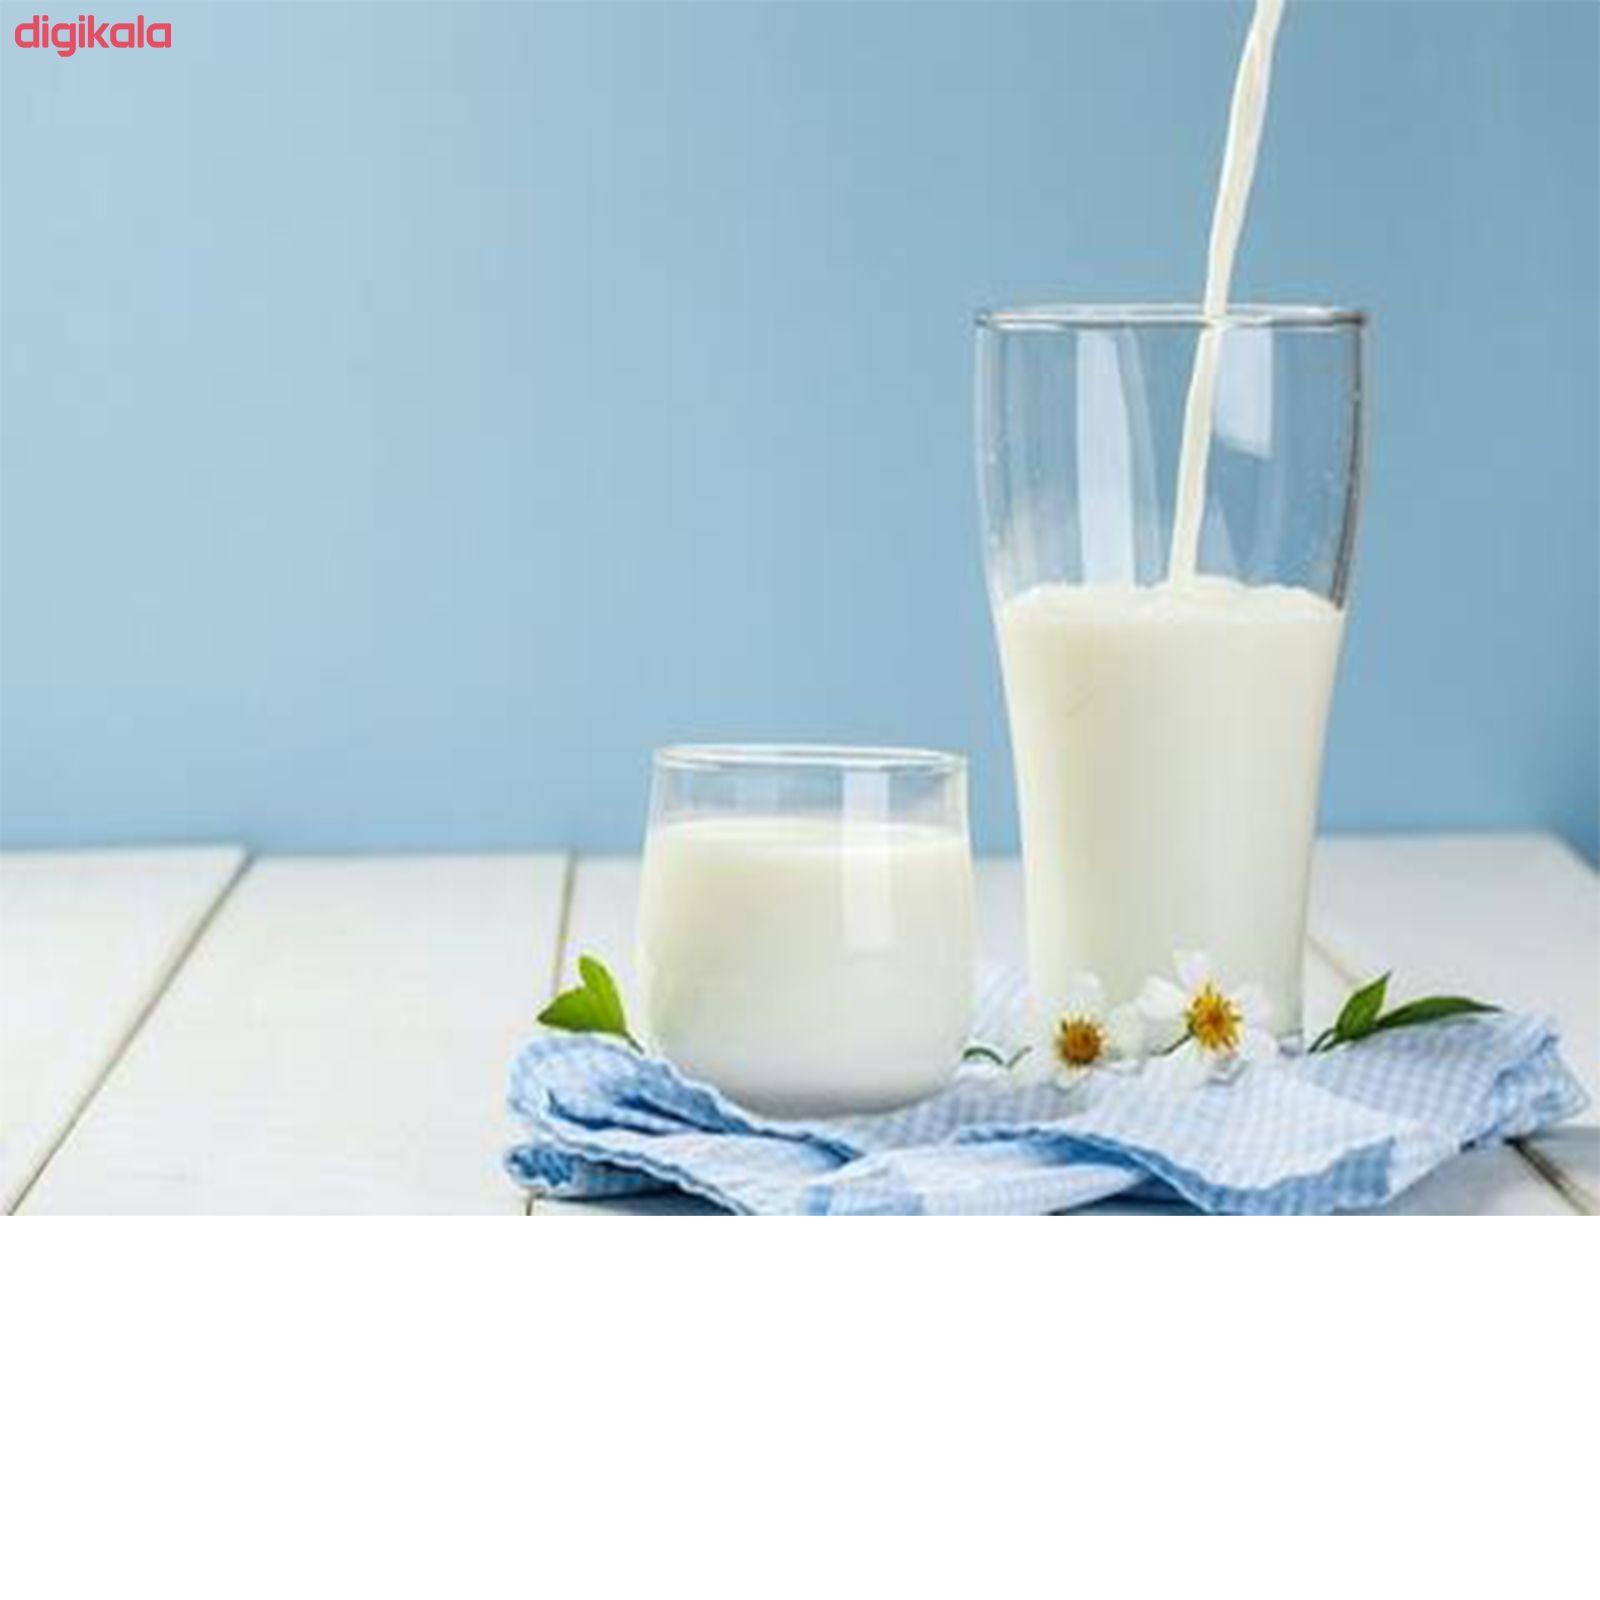 شیر نیم چرب فرادما پگاه - 0.2 لیتر main 1 6